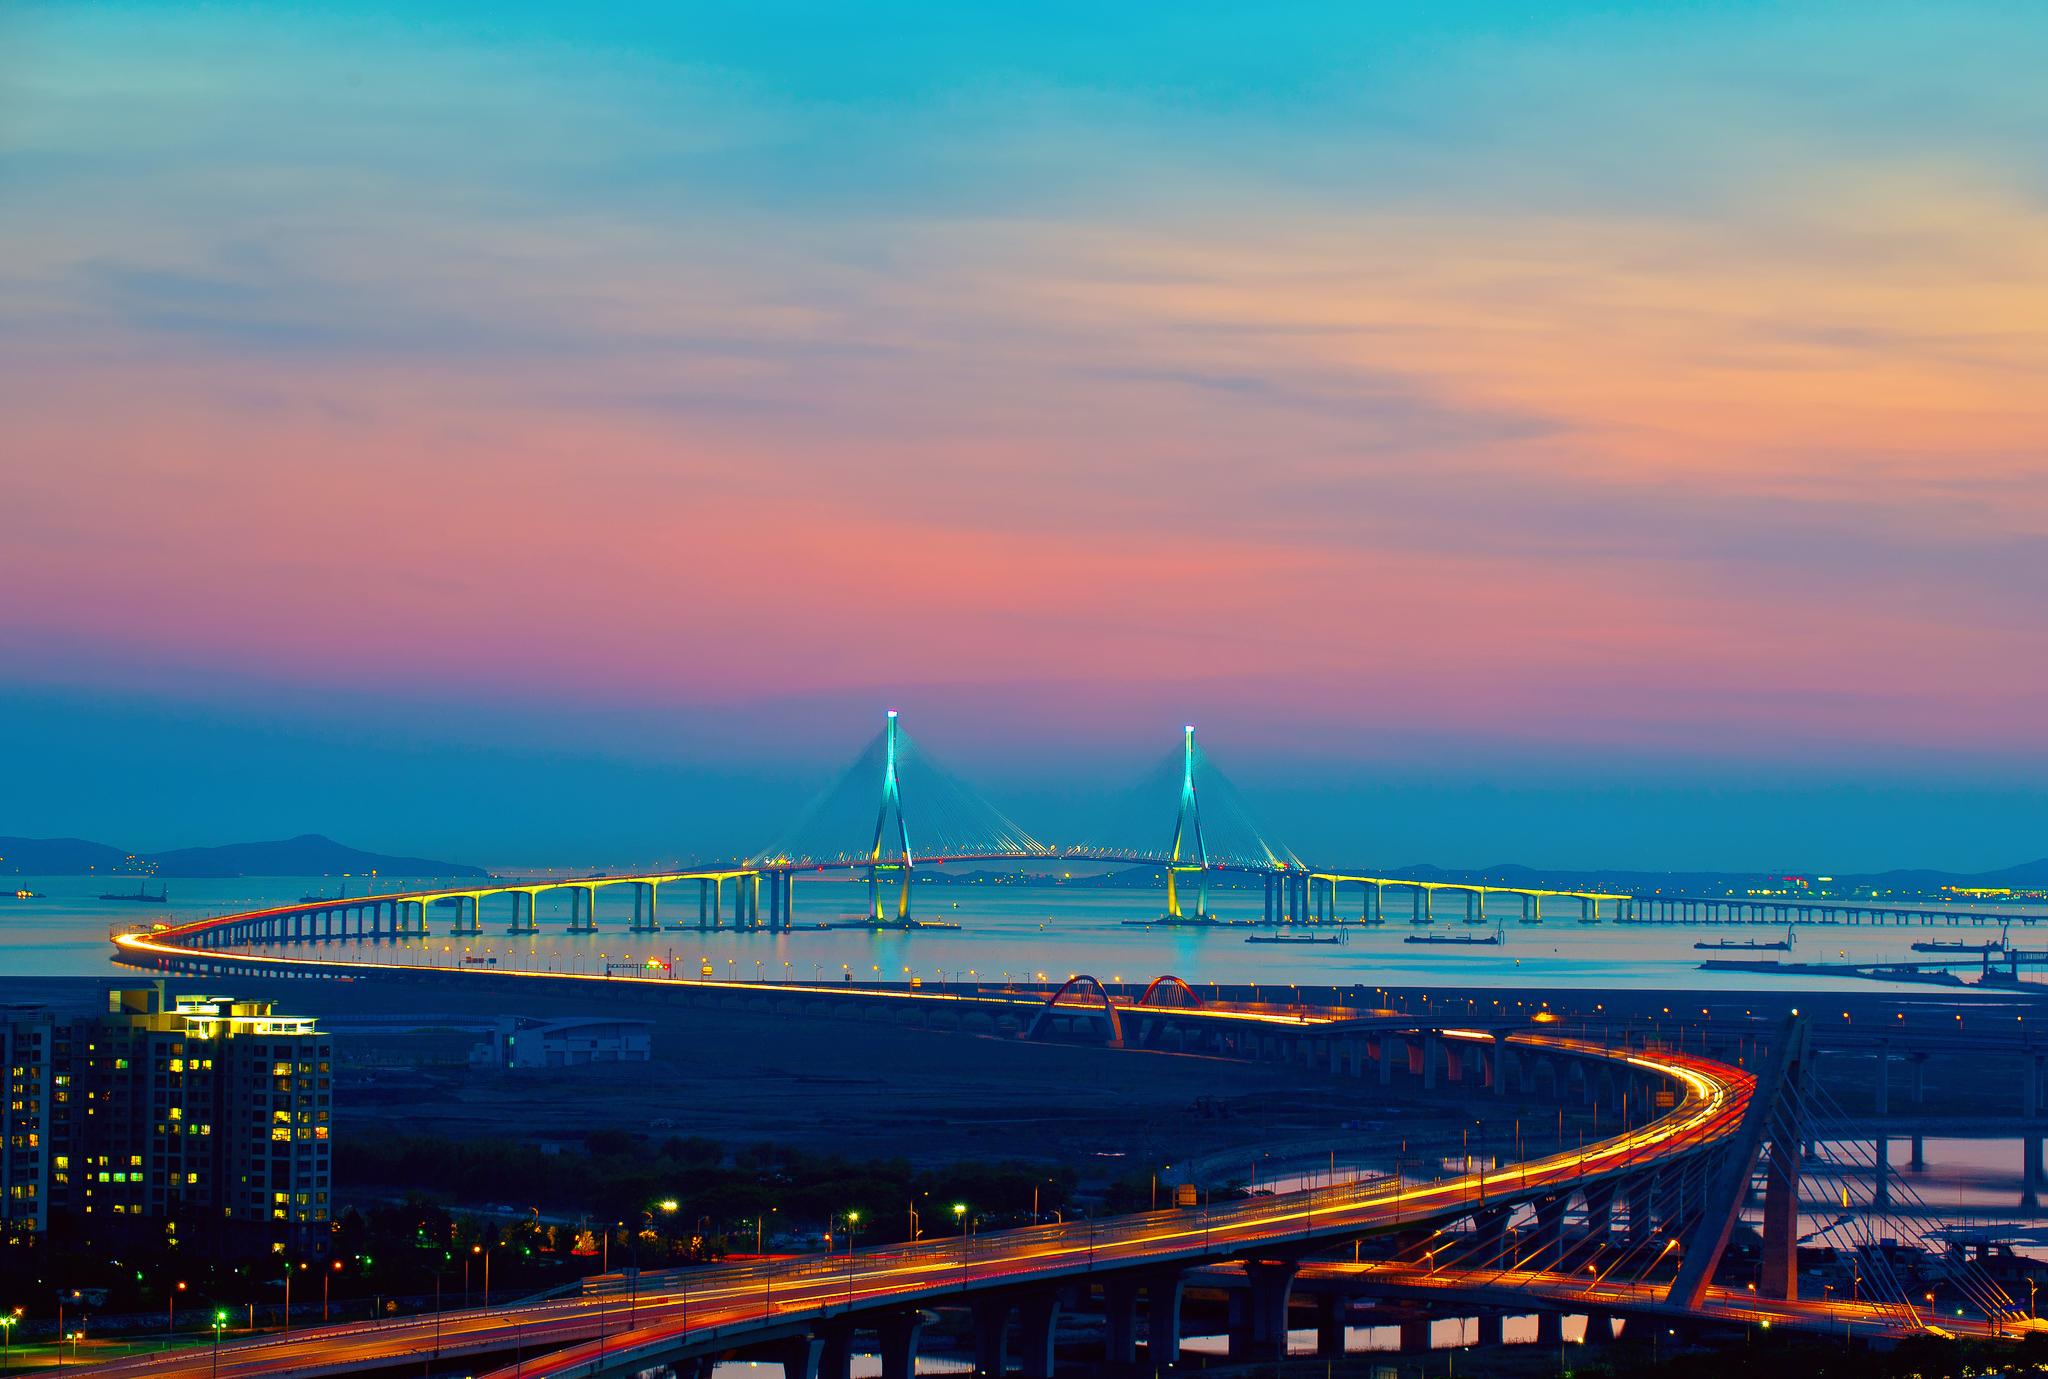 Korea Wallpaper: 2 Incheon Bridge HD Wallpapers